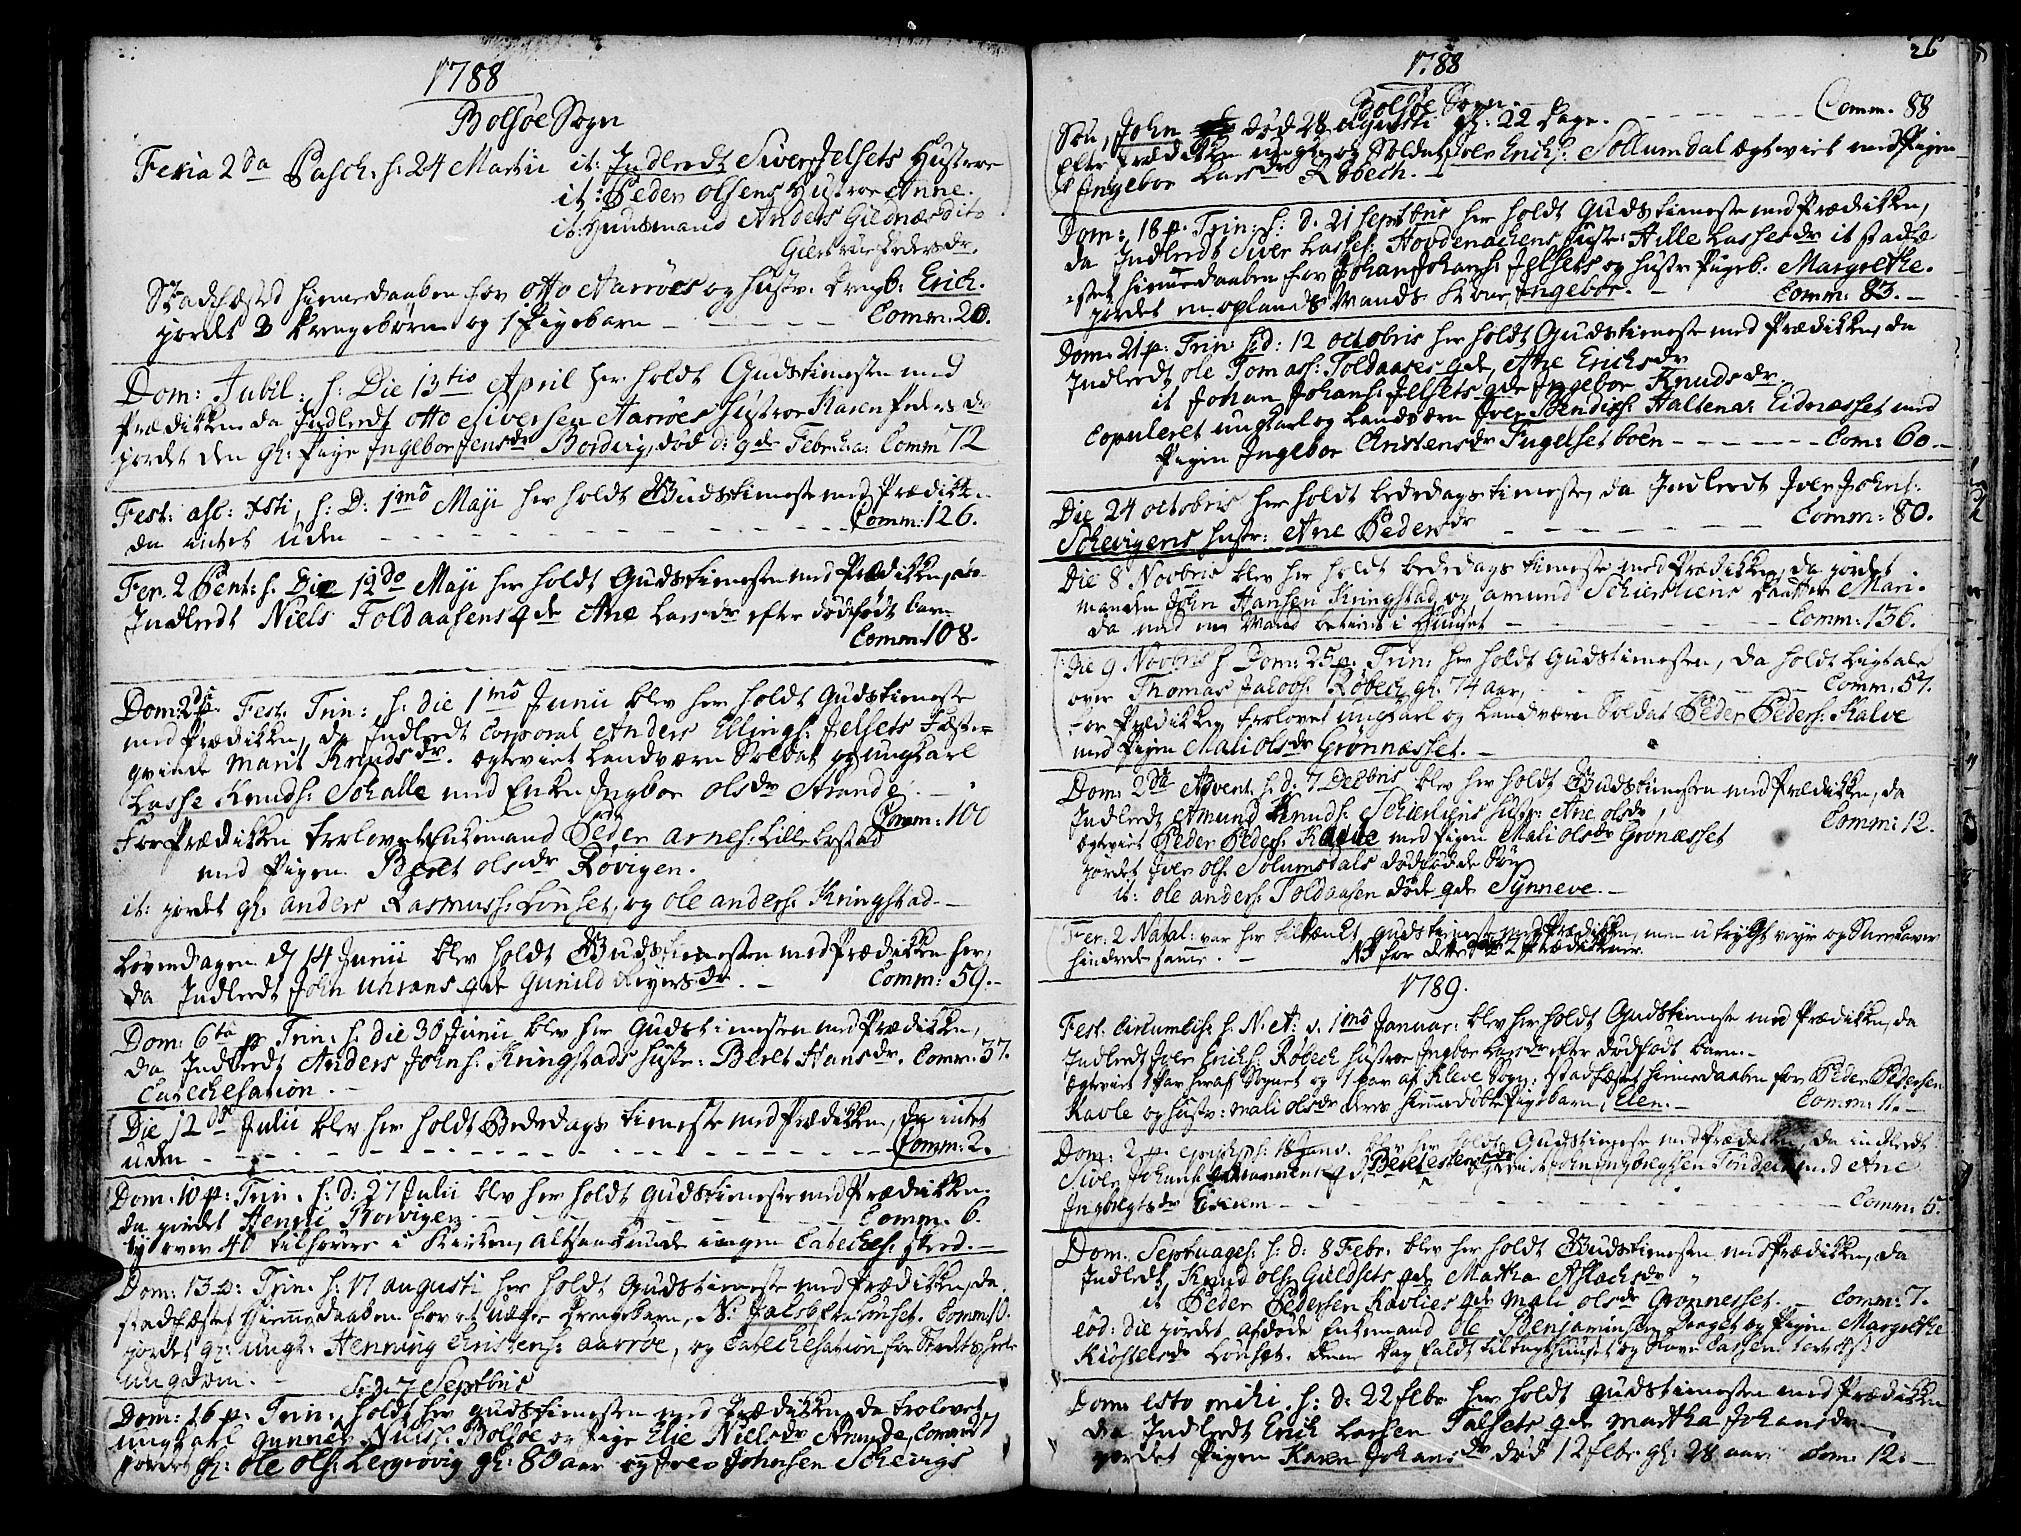 SAT, Ministerialprotokoller, klokkerbøker og fødselsregistre - Møre og Romsdal, 555/L0648: Ministerialbok nr. 555A01, 1759-1793, s. 26